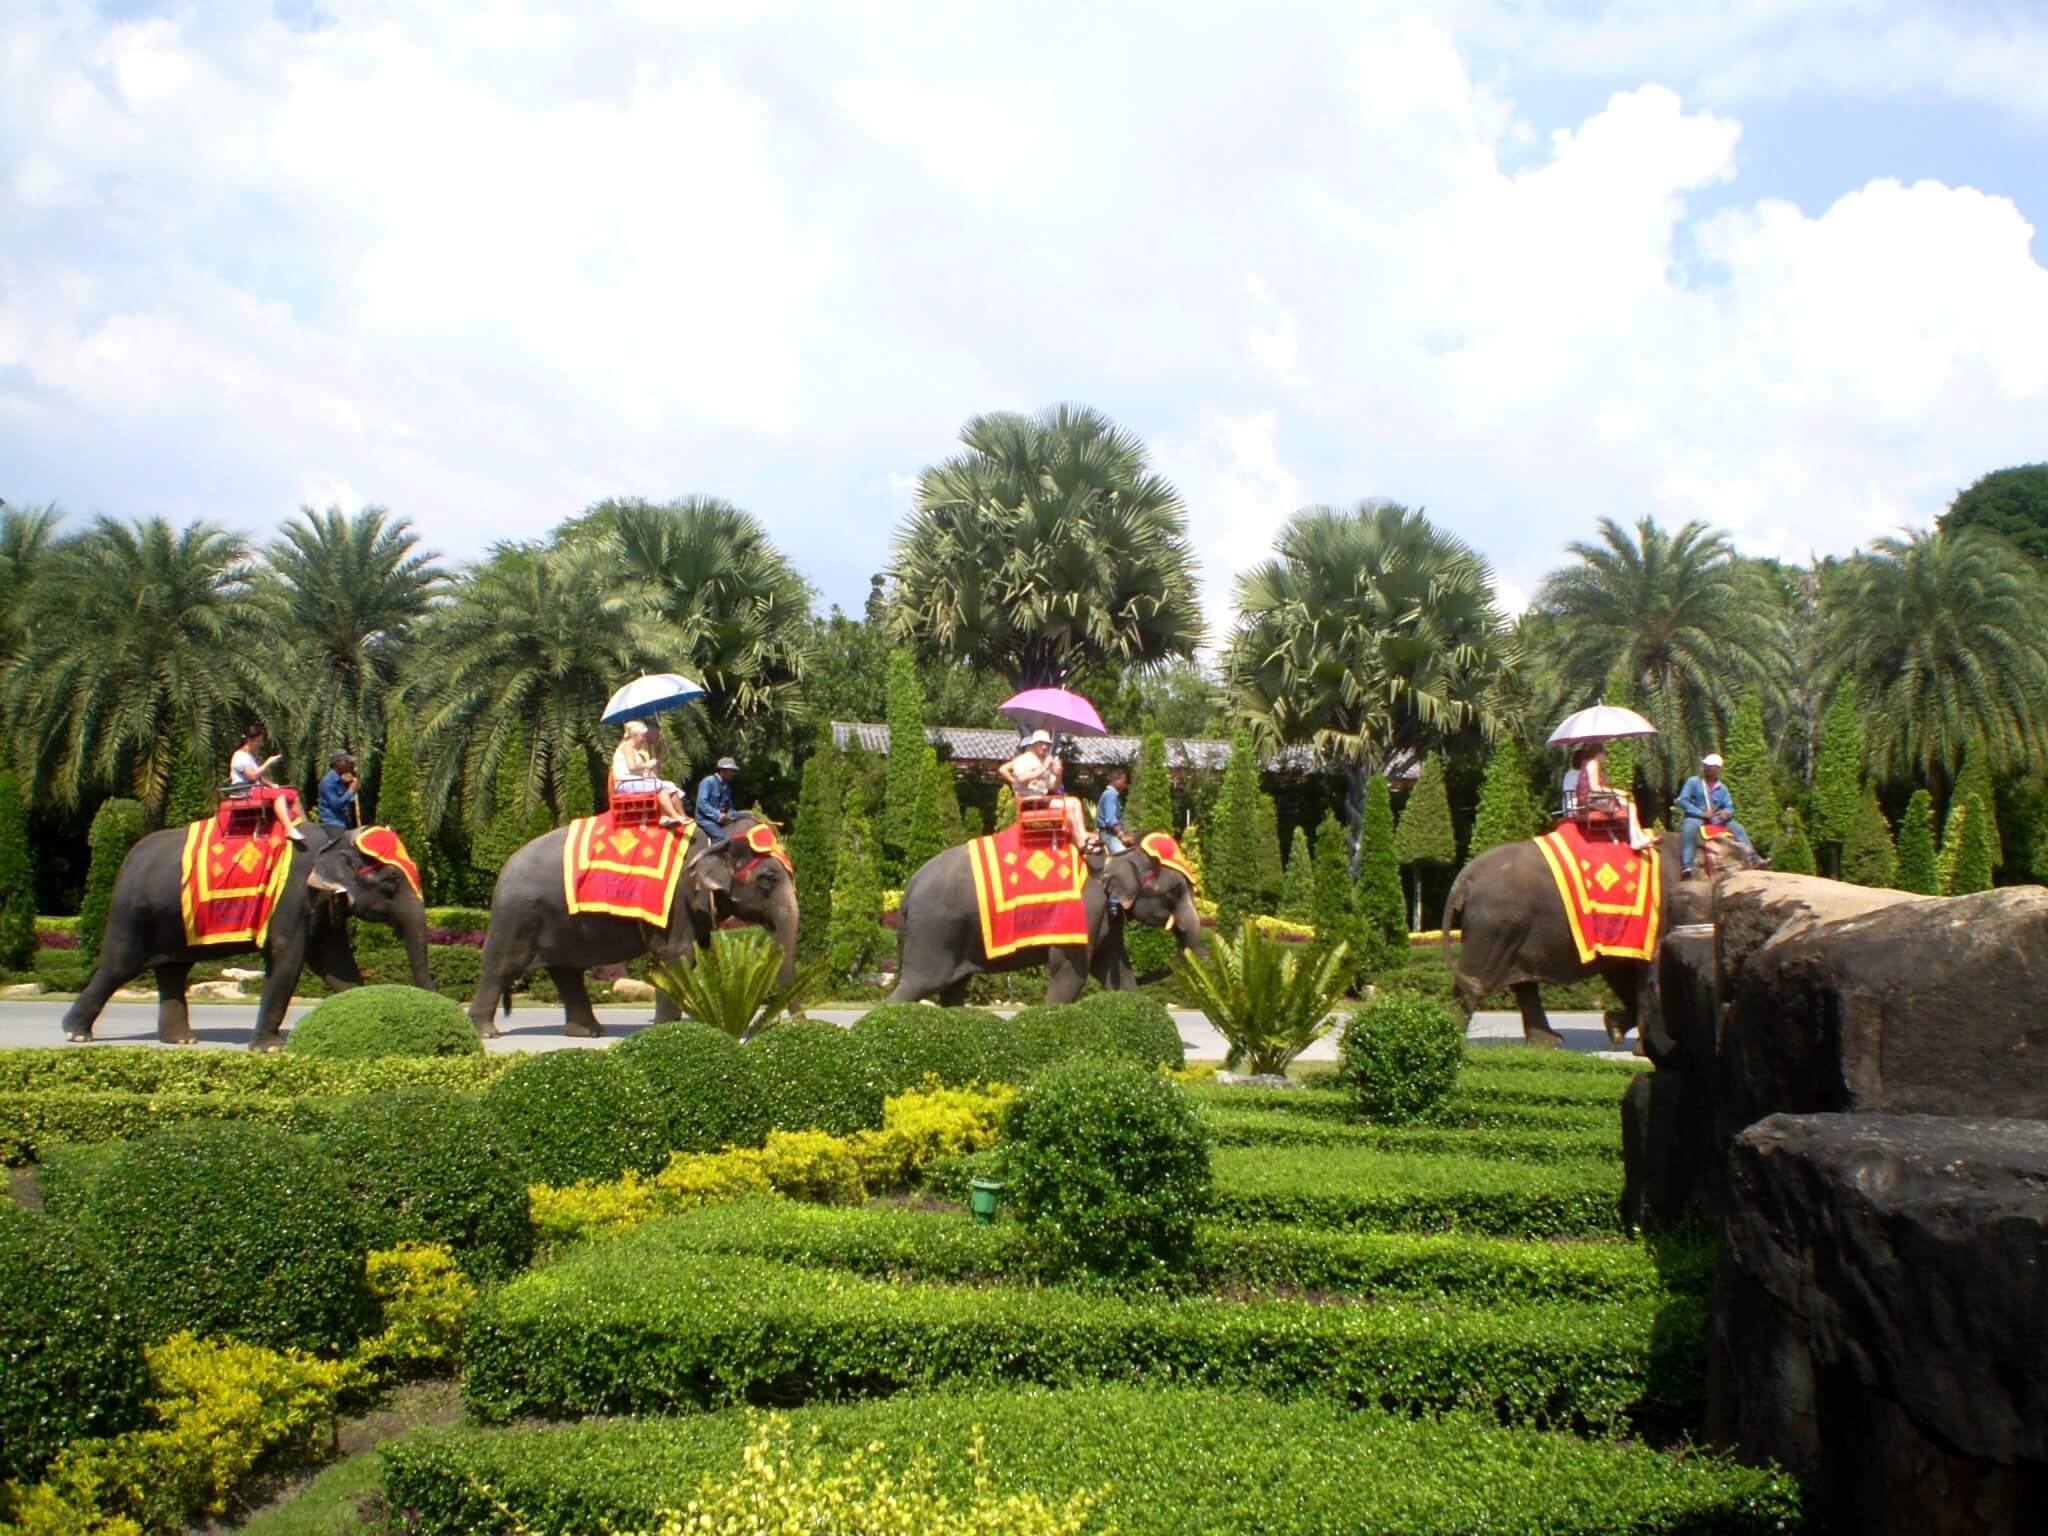 сколько денег взять в таиланд - катание на слонах сколько денег взять в Таиланд